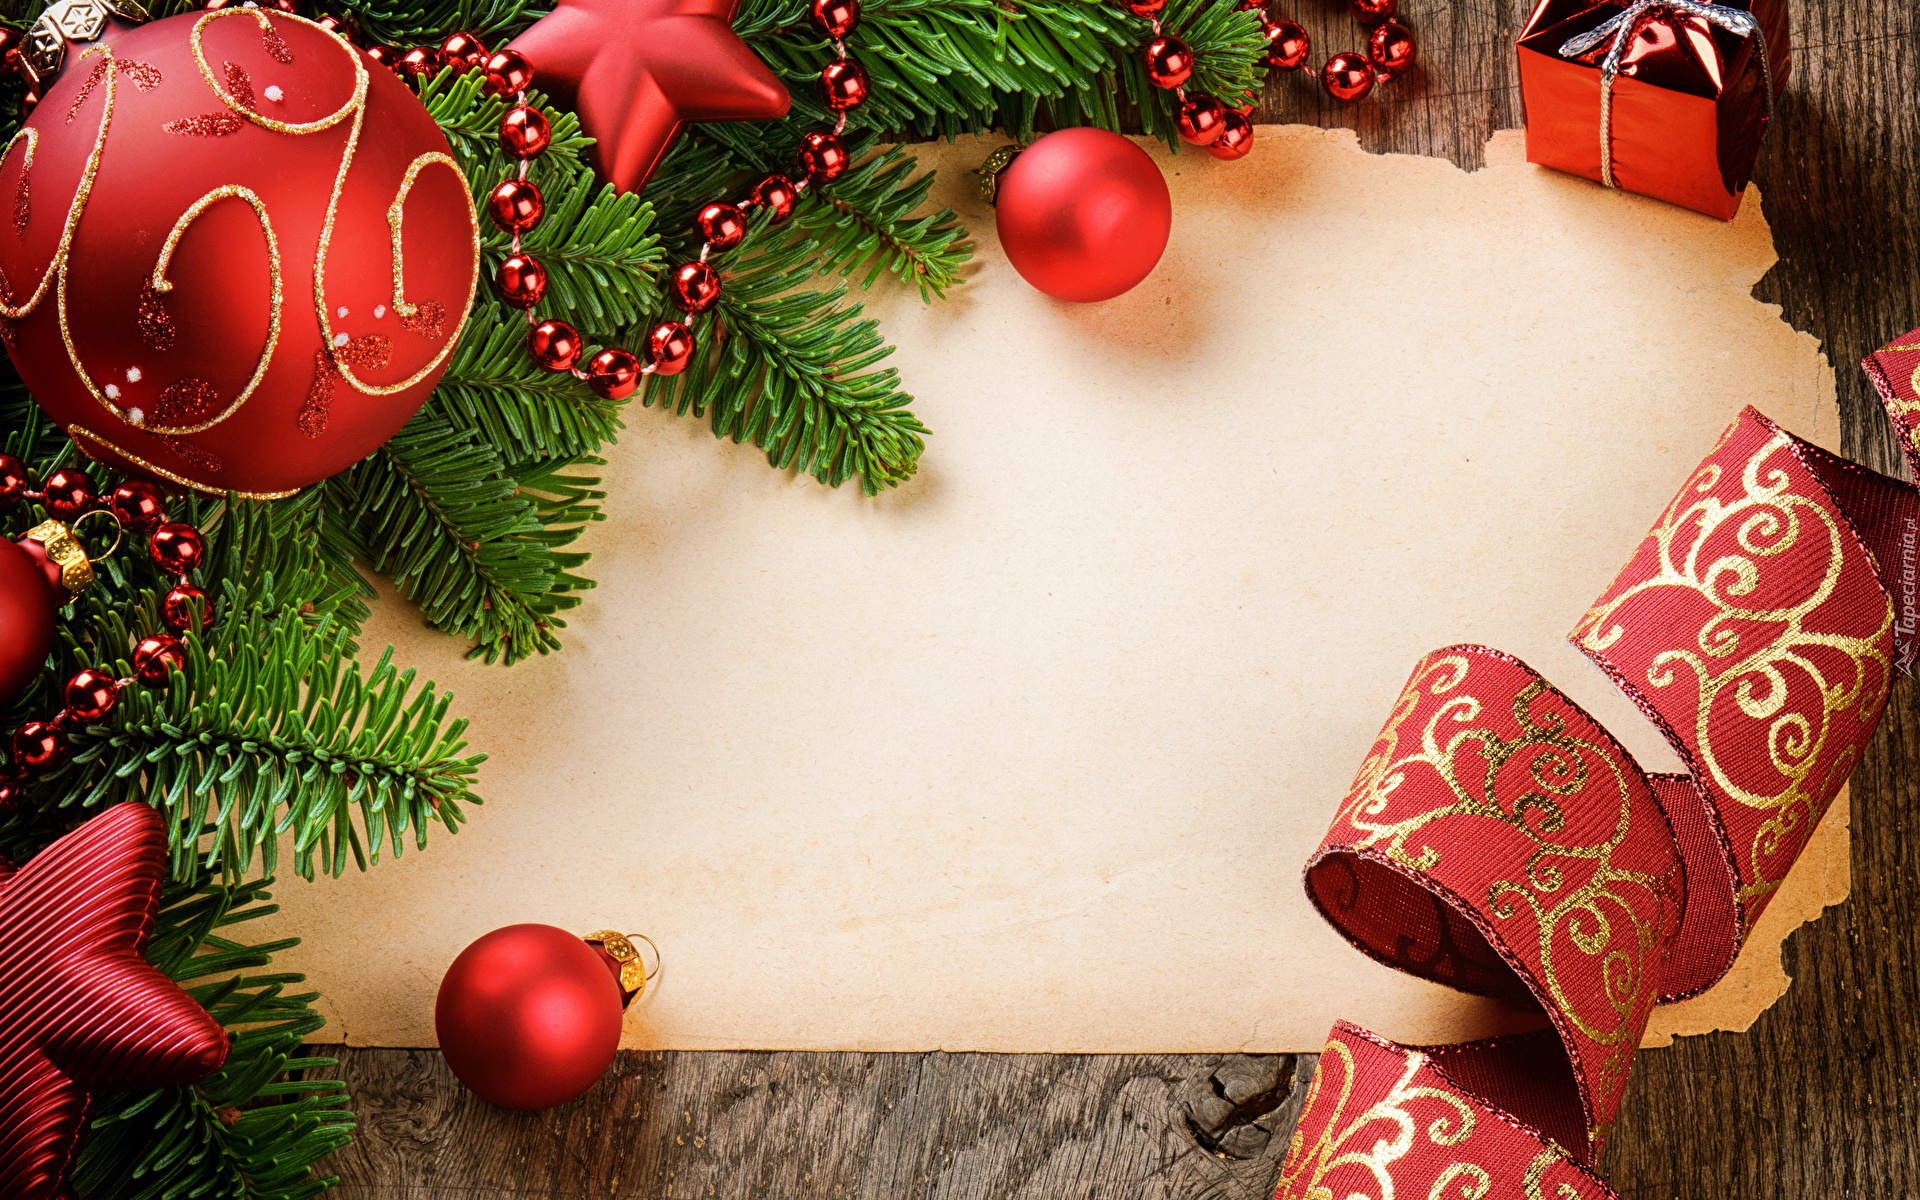 Dekoracje świąteczne Wokół Pustej Kartki